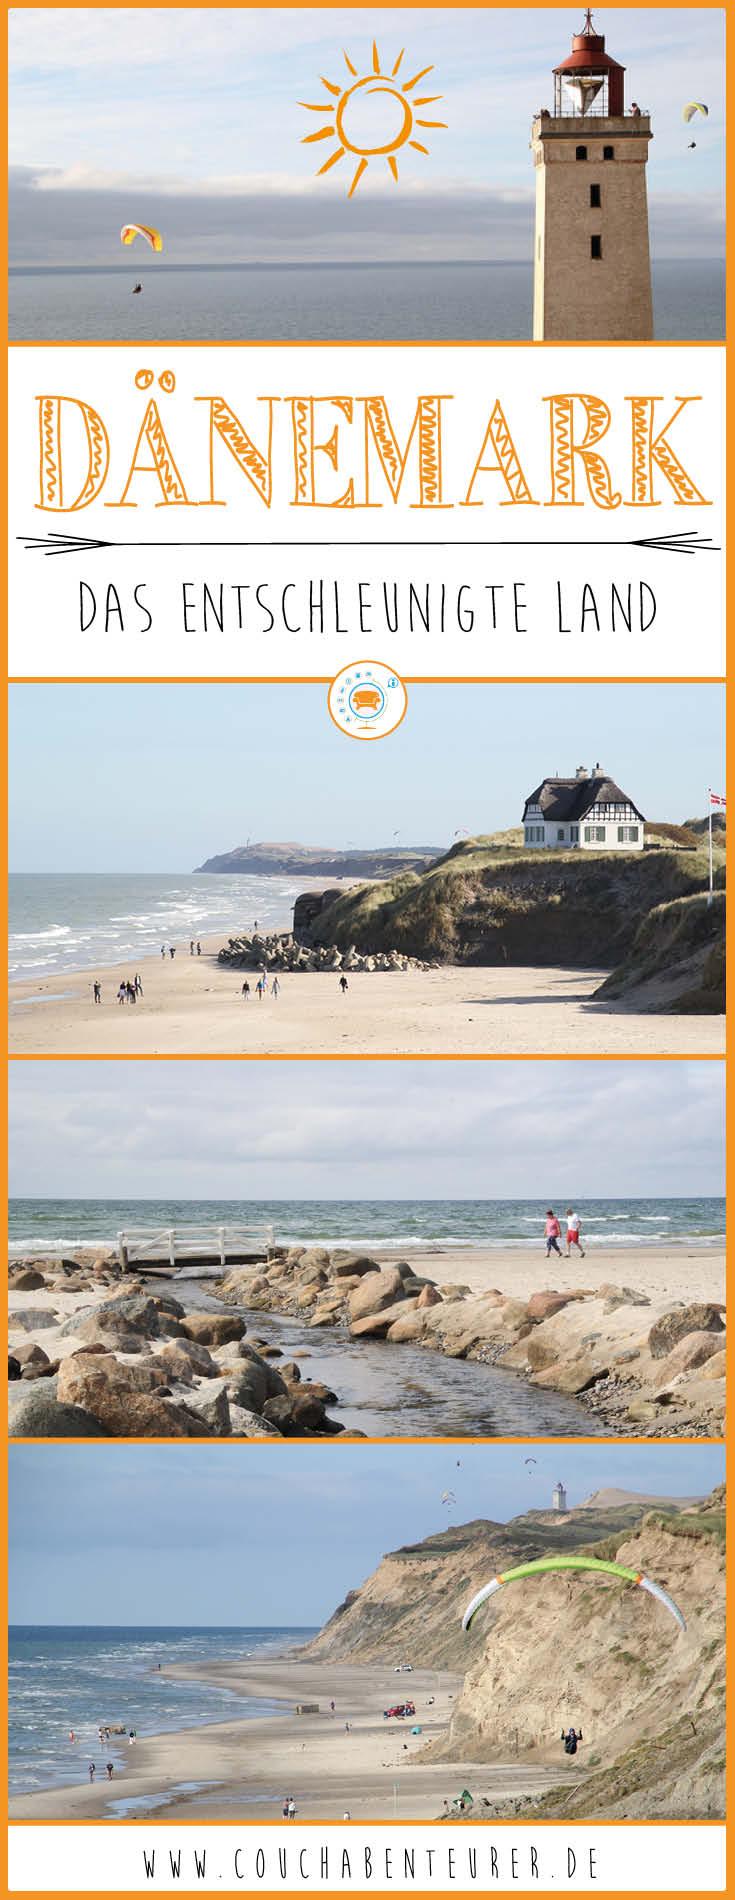 Daenemark-das-entschleunigte-Land_